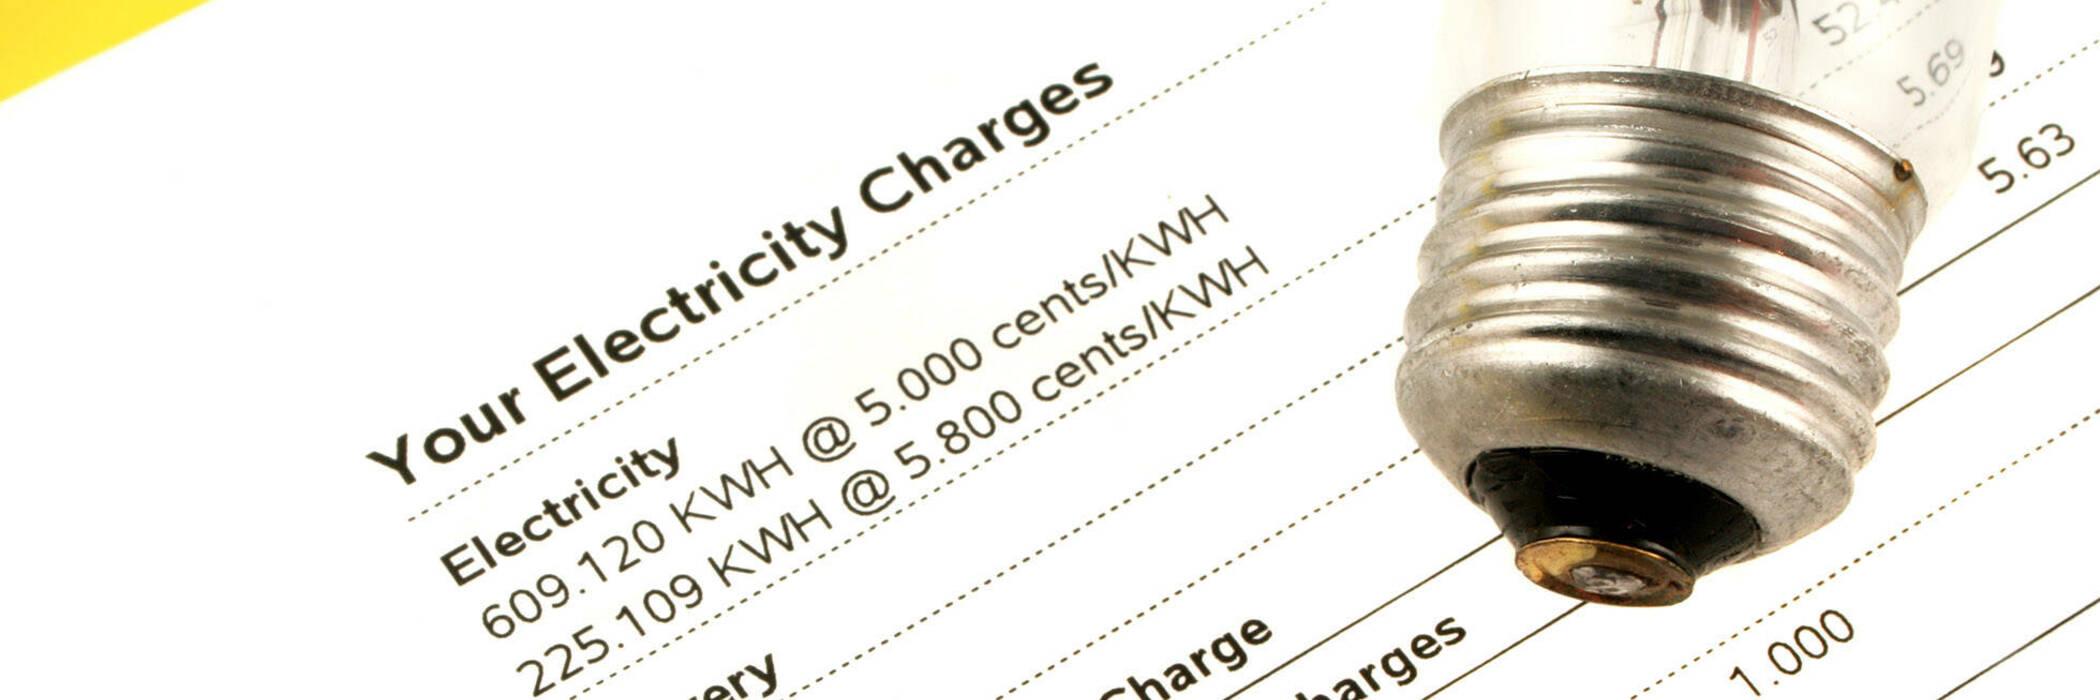 16aug bills top electricity complaints hero1